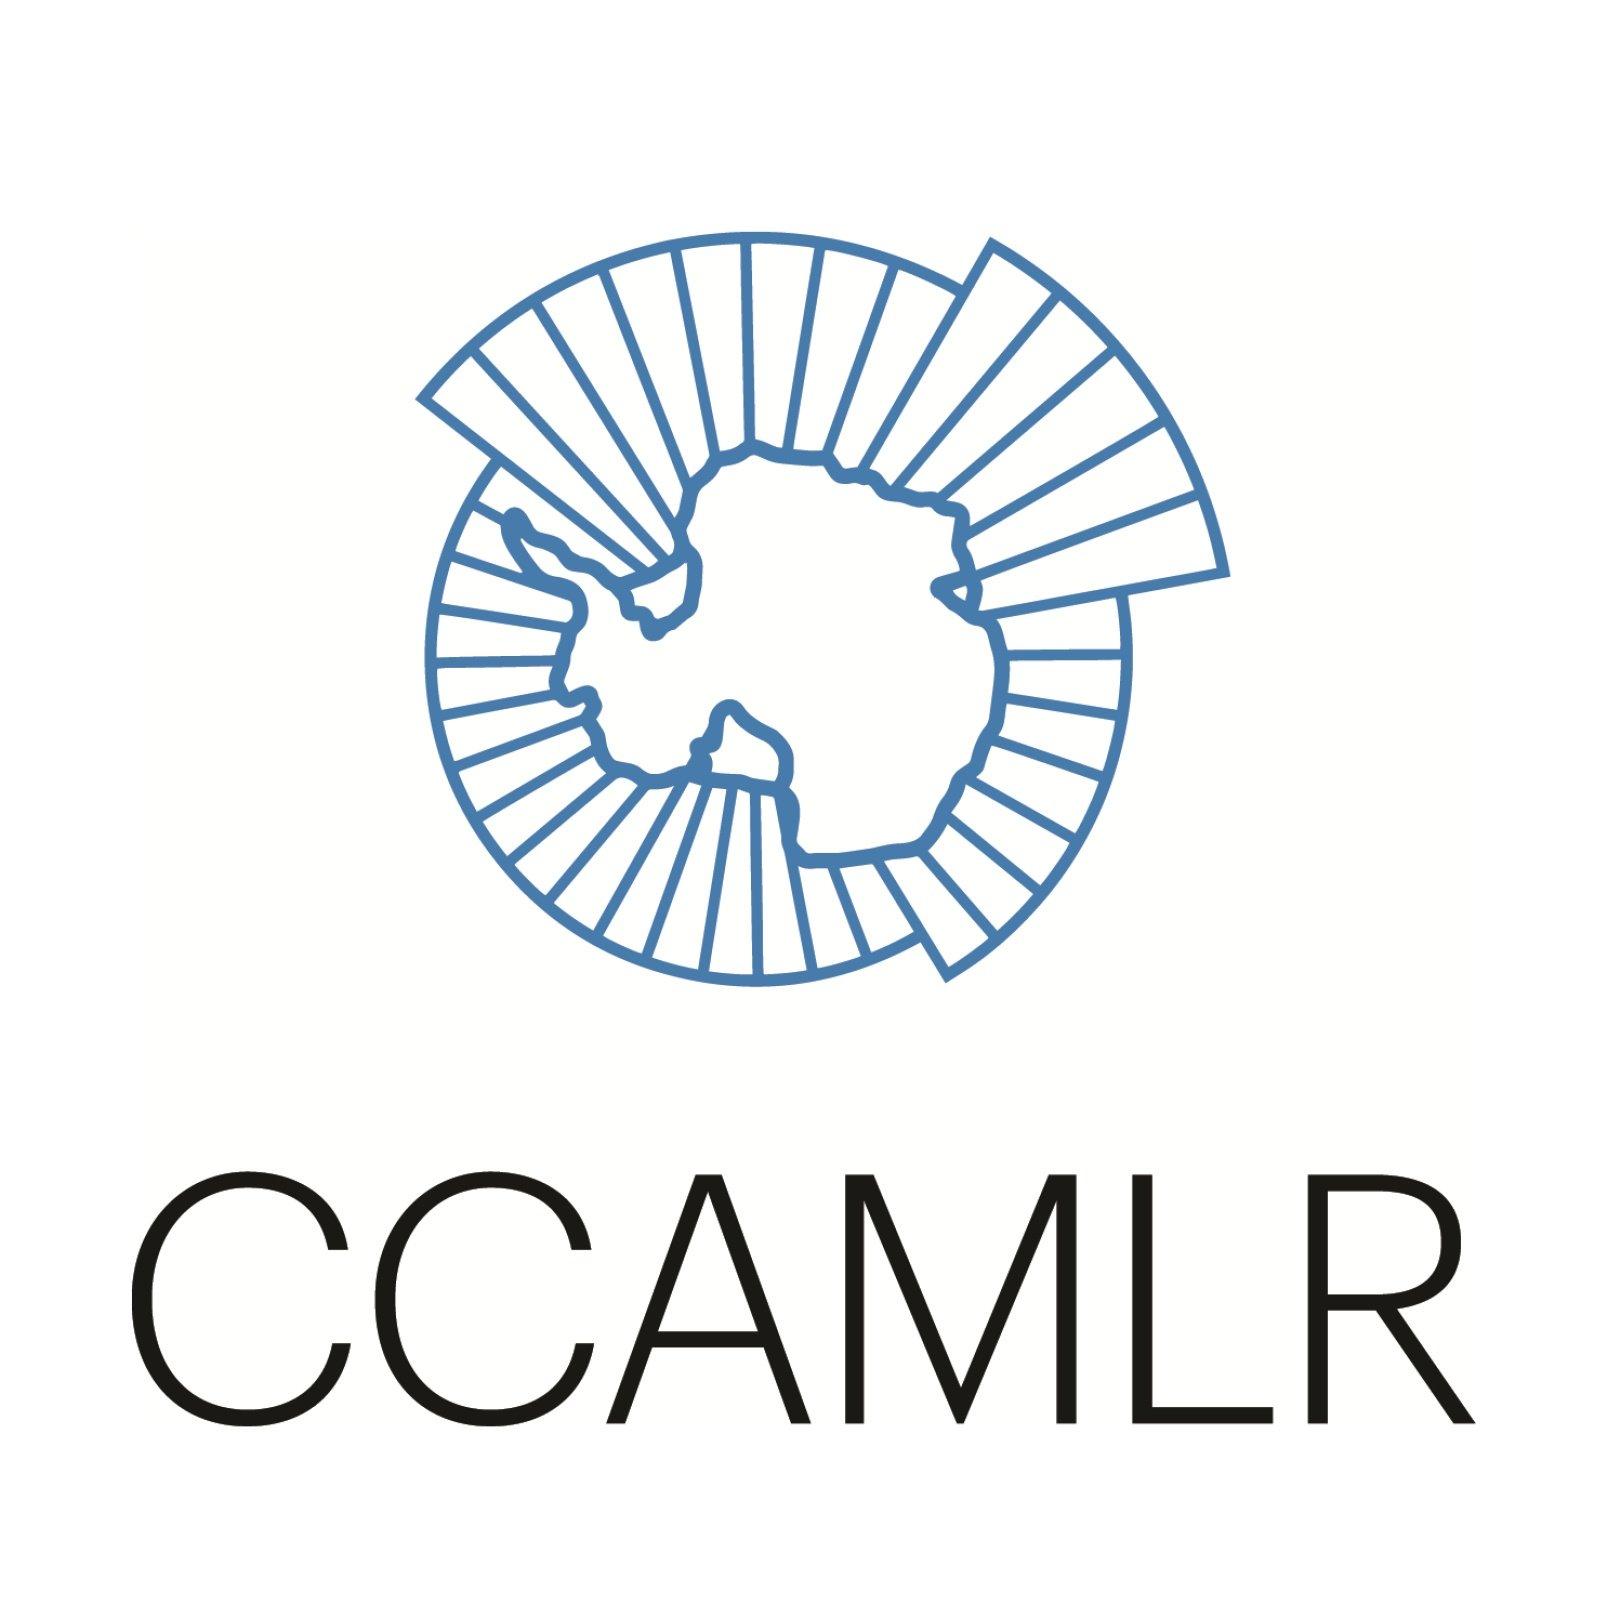 CCAMLR.jpg